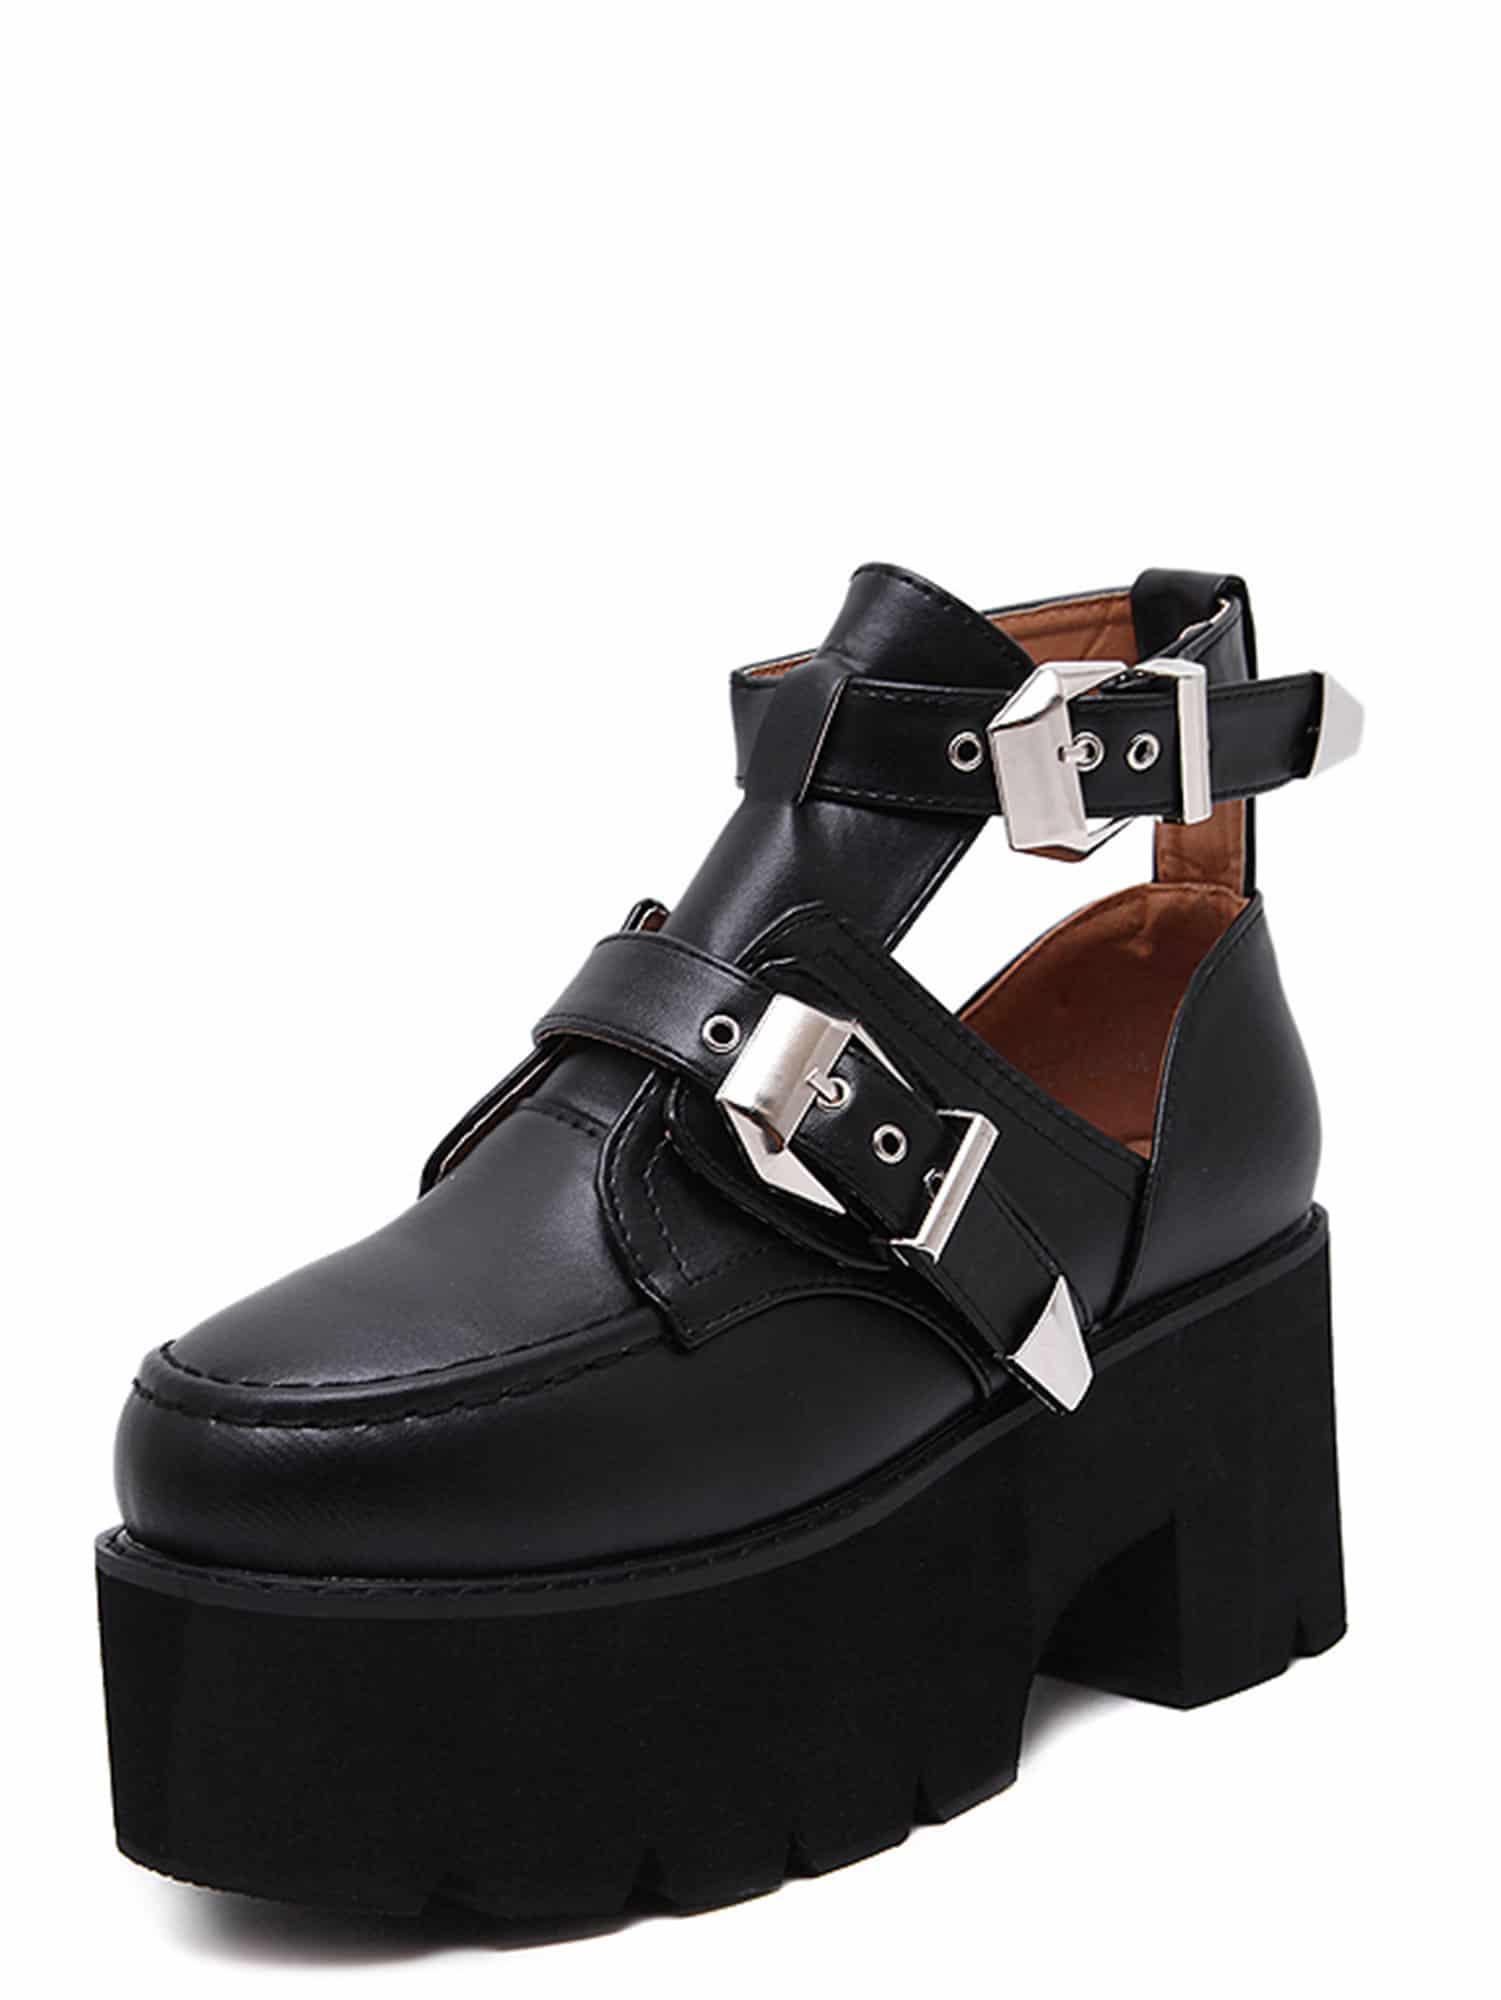 shoes161229802_2